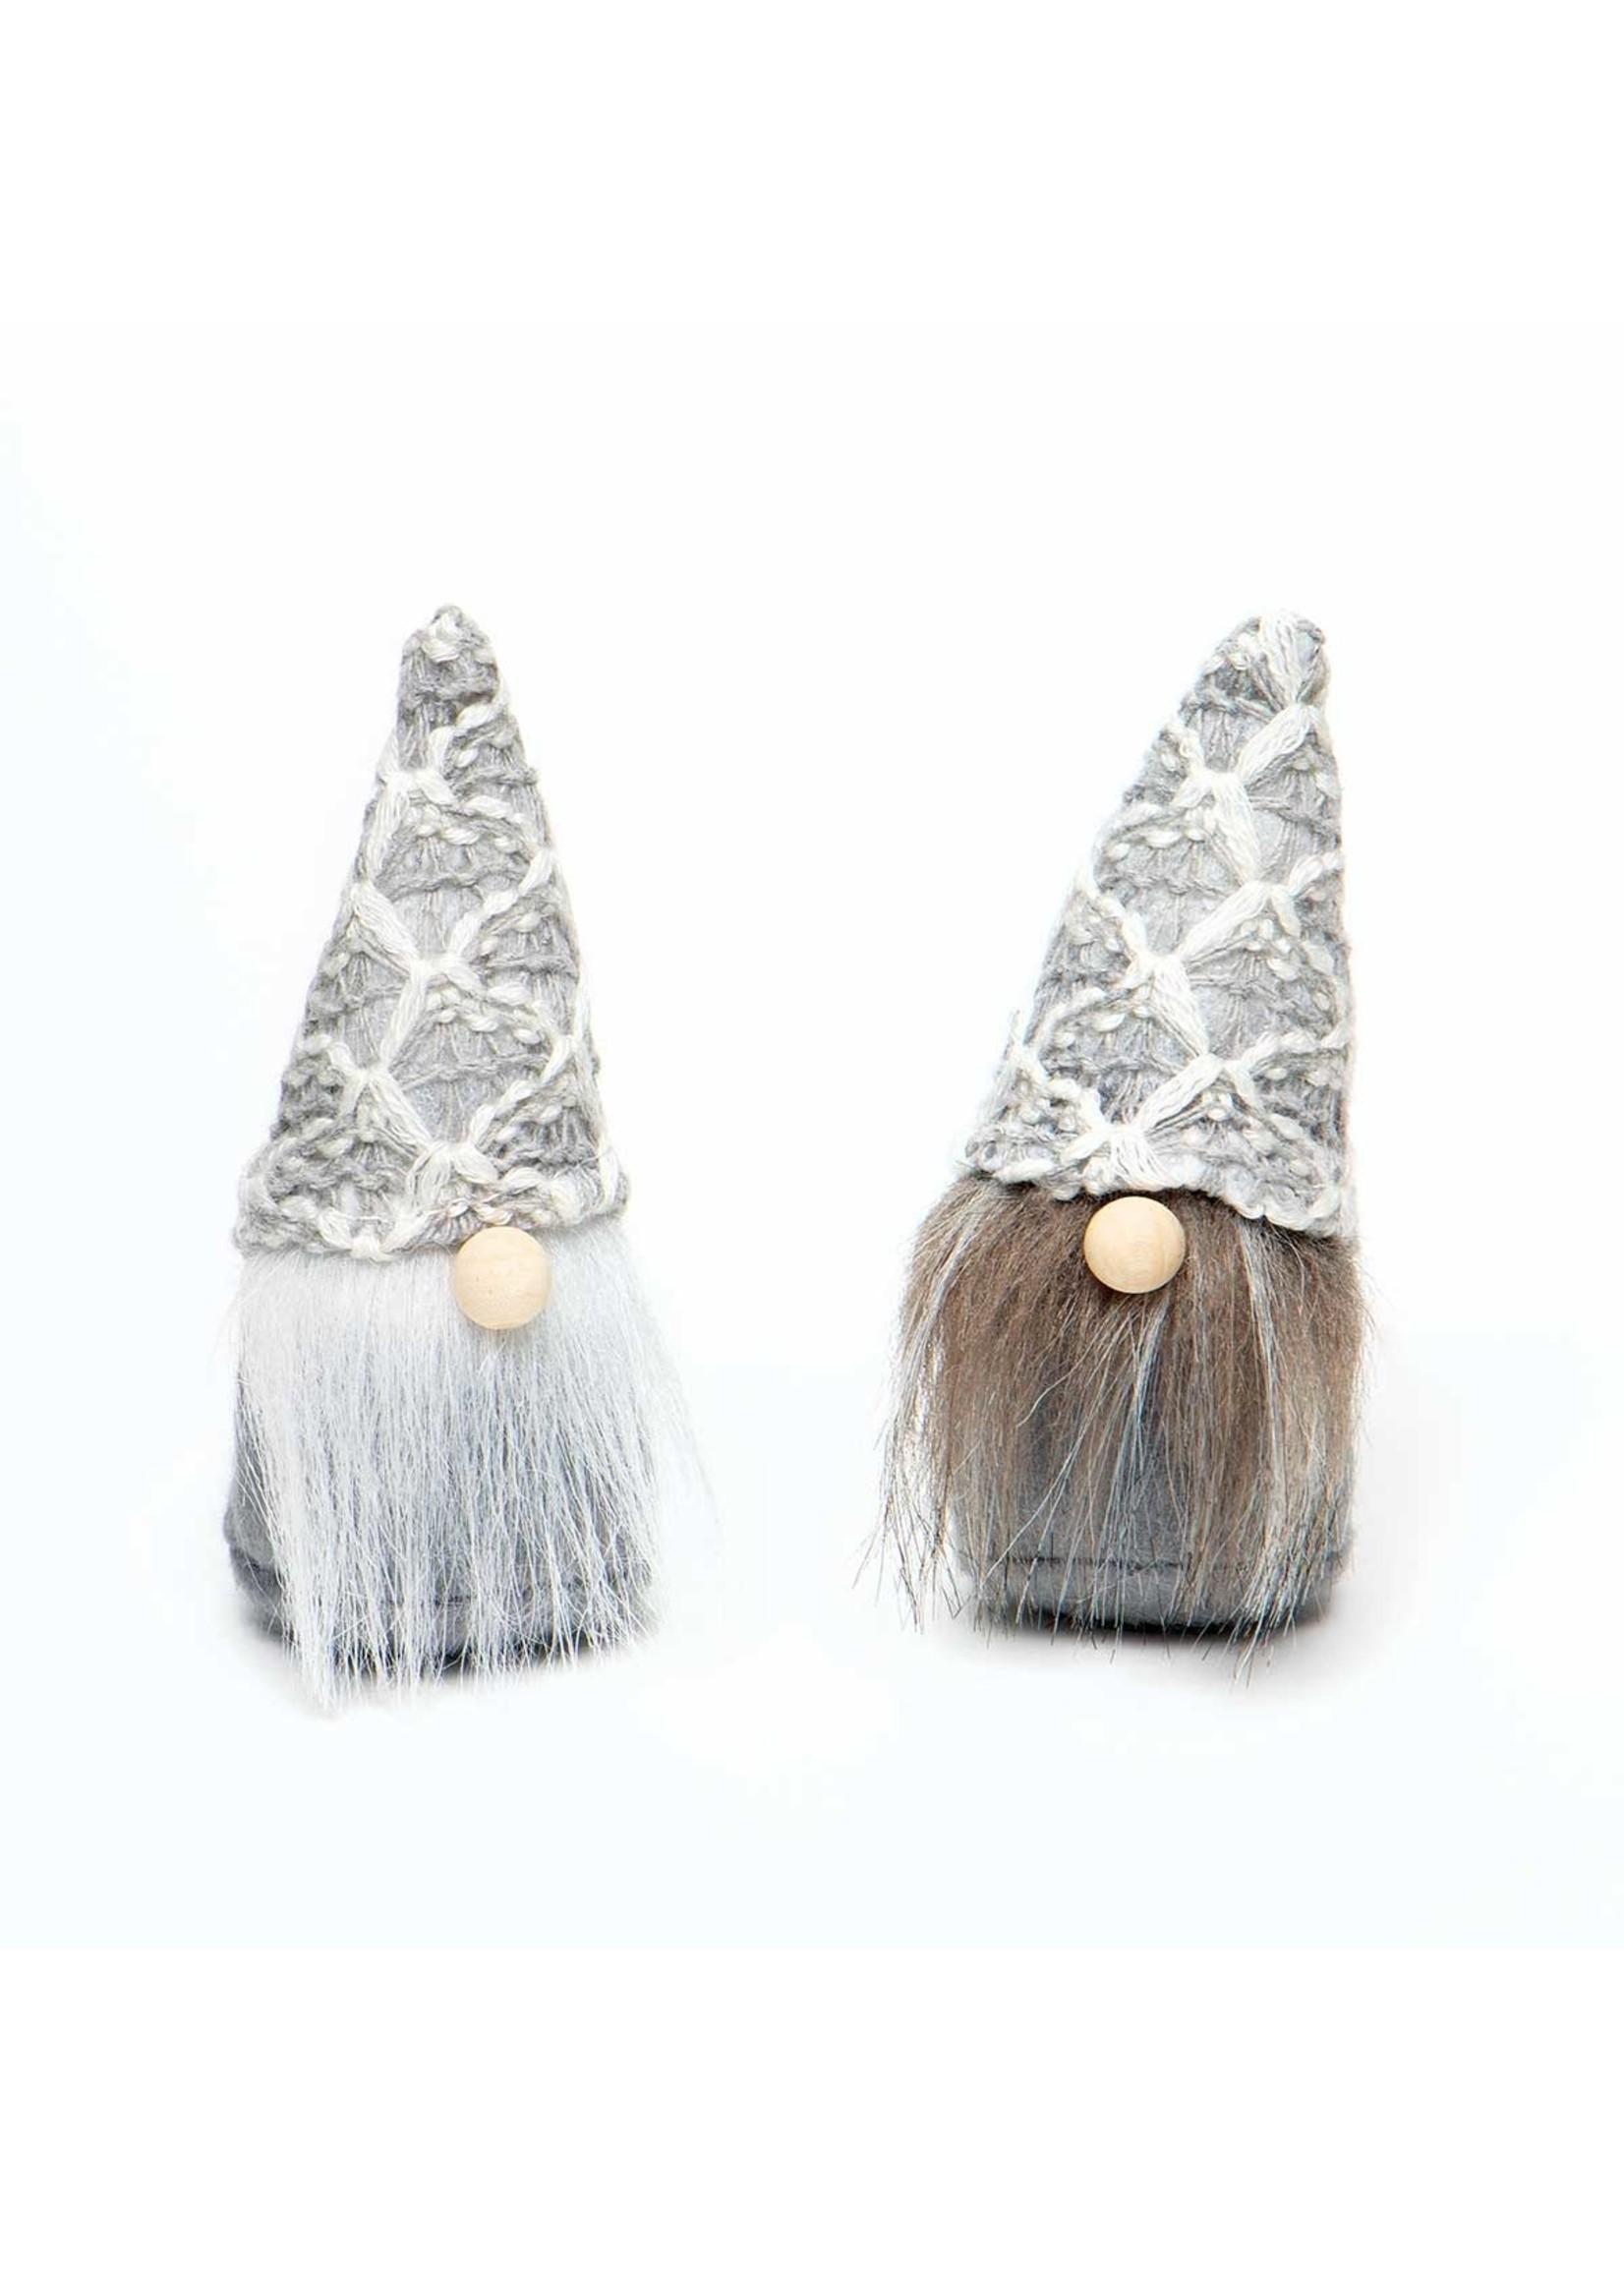 Meravic Gnome Ornament Gray Beard